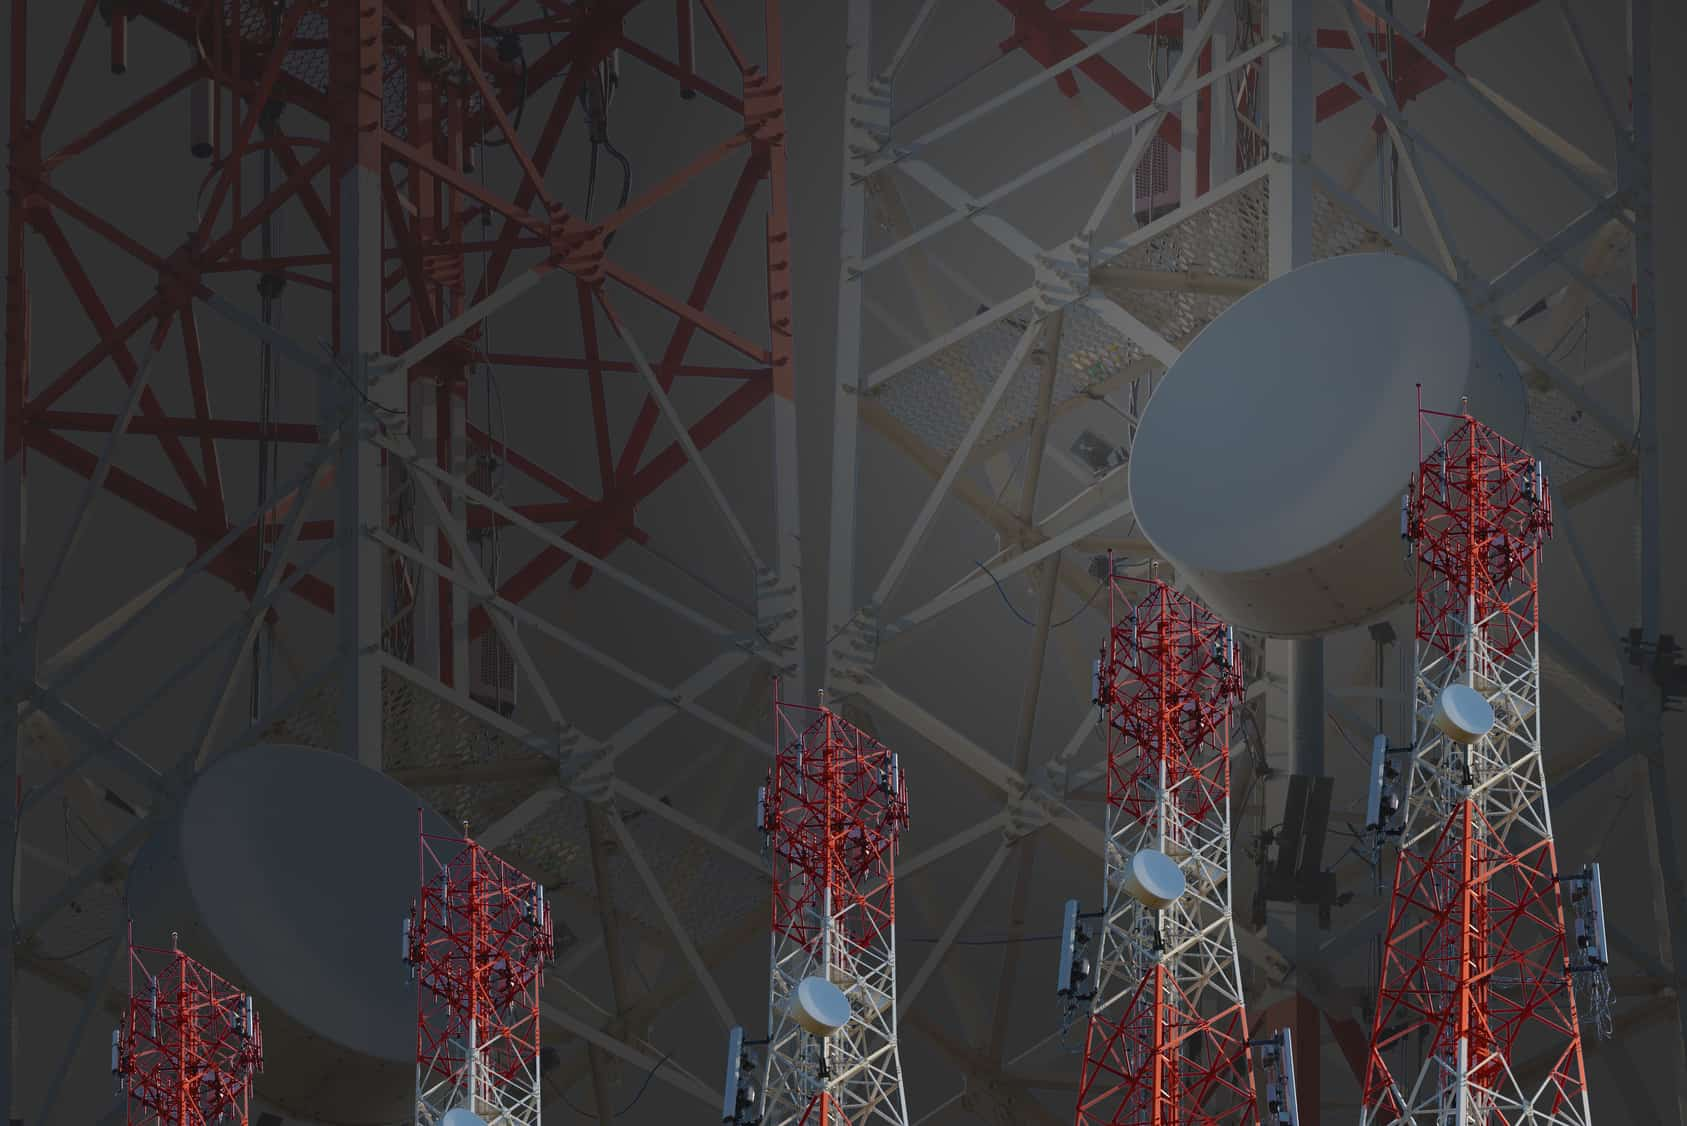 """La Organización para la Cooperación y el Desarrollo Económicos presentó el""""Estudio de la OCDE sobre telecomunicaciones y radiodifusión en México 2017""""."""